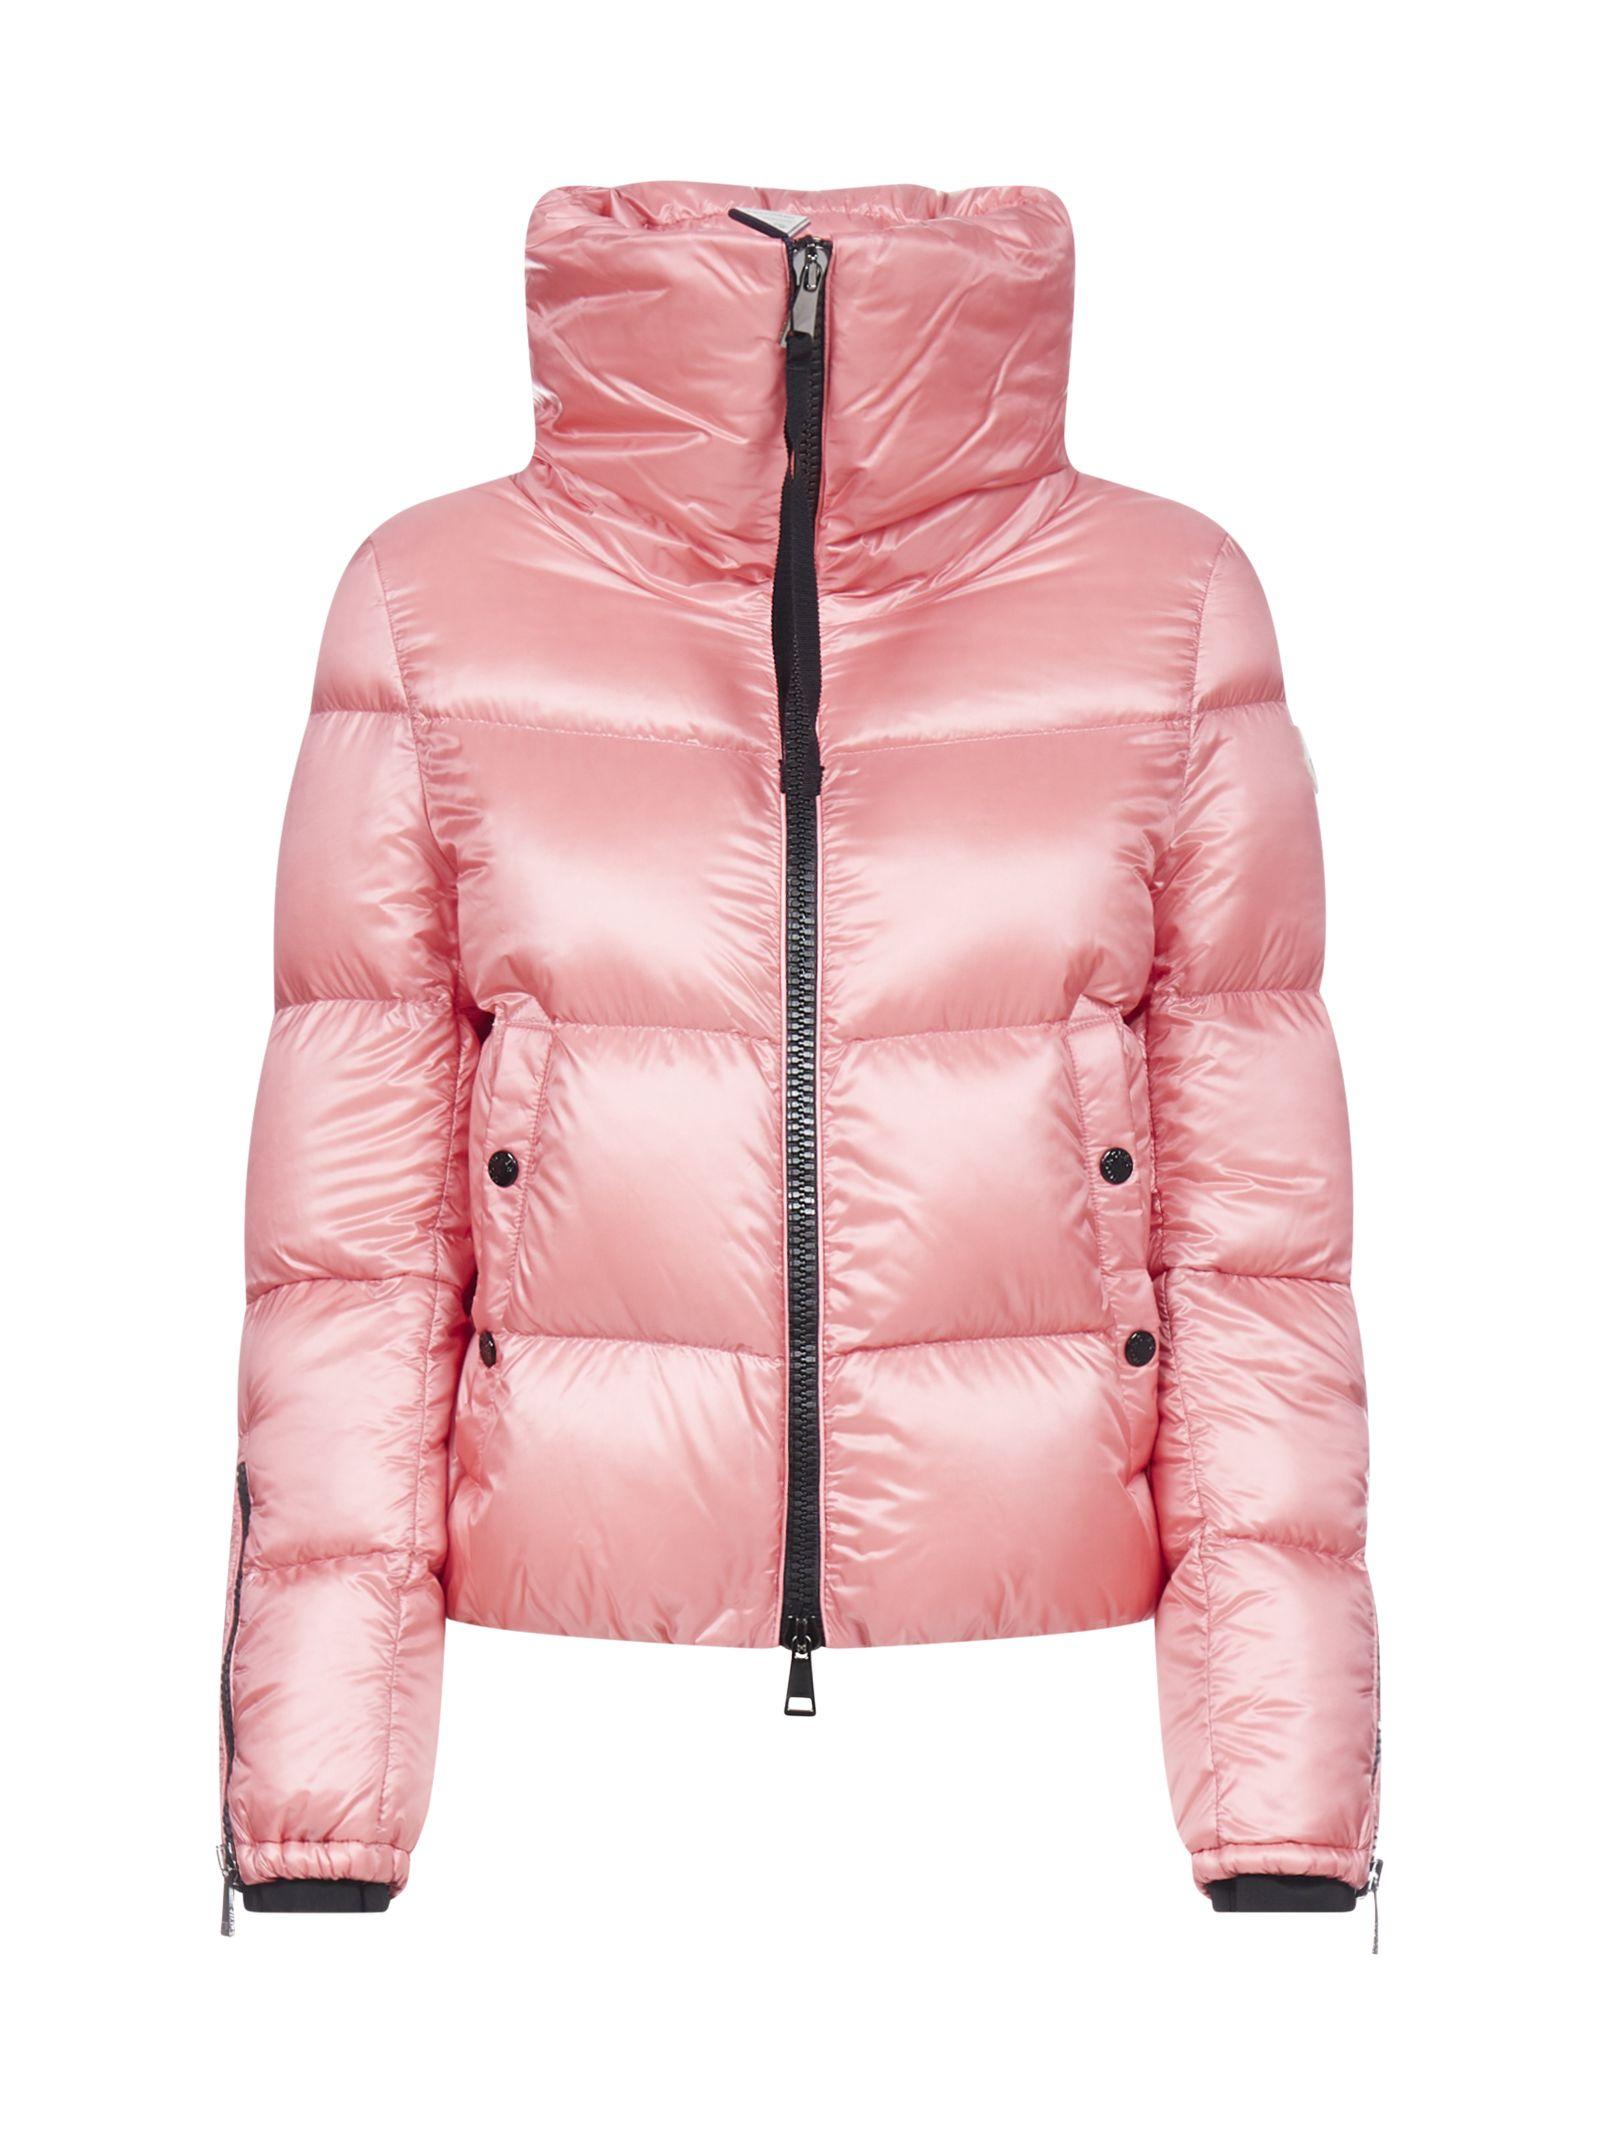 77d4a968 Moncler Moncler Jacket - Rosa - 10987783 | italist